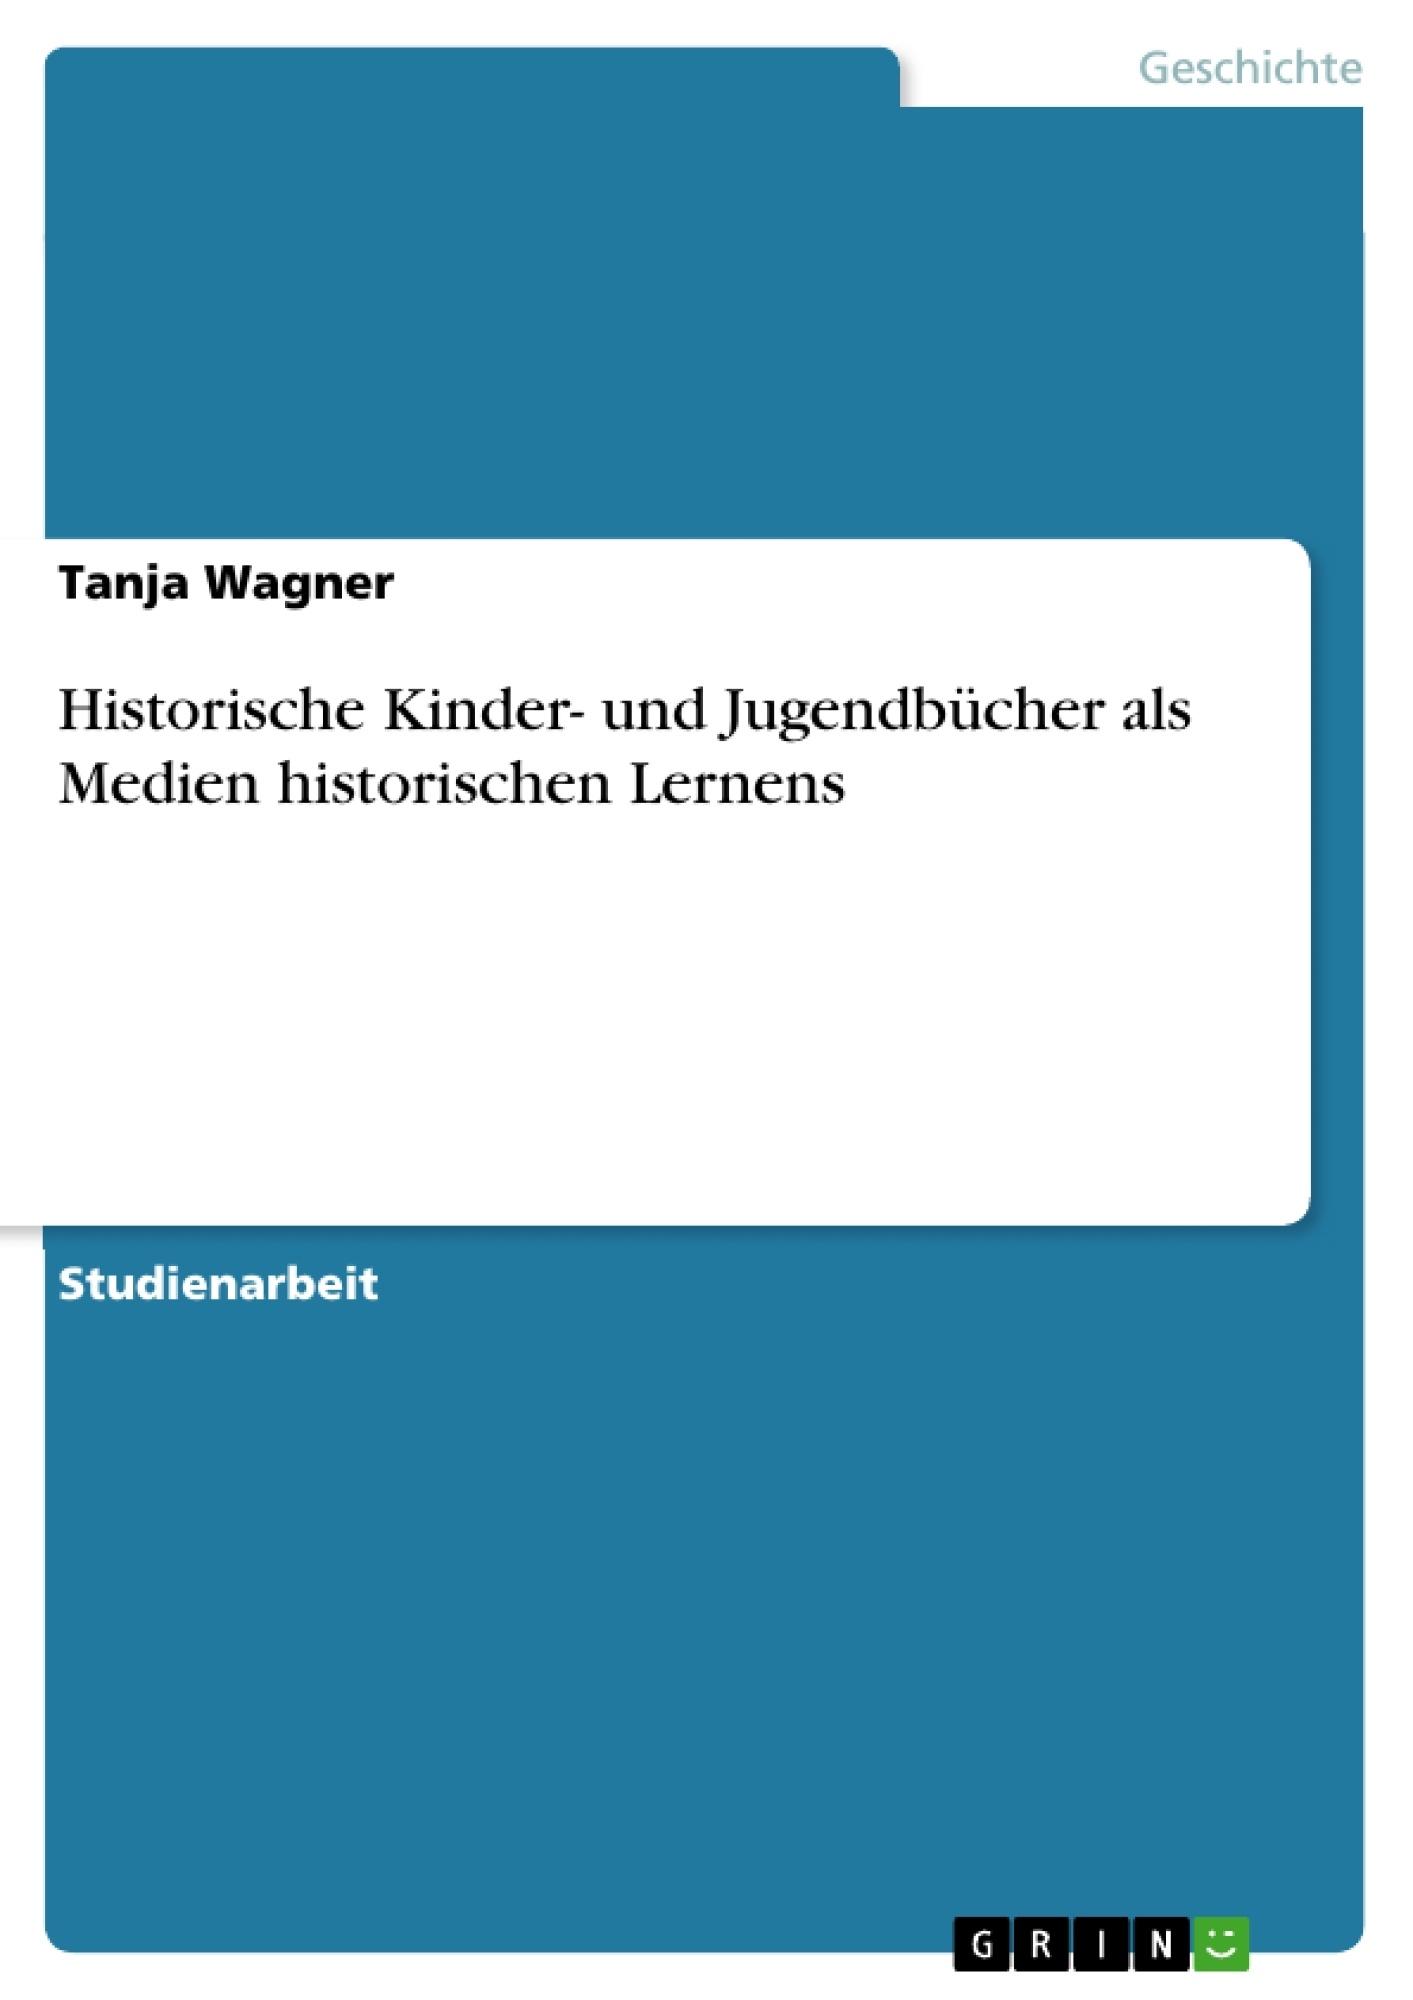 Titel: Historische Kinder- und Jugendbücher als Medien historischen Lernens